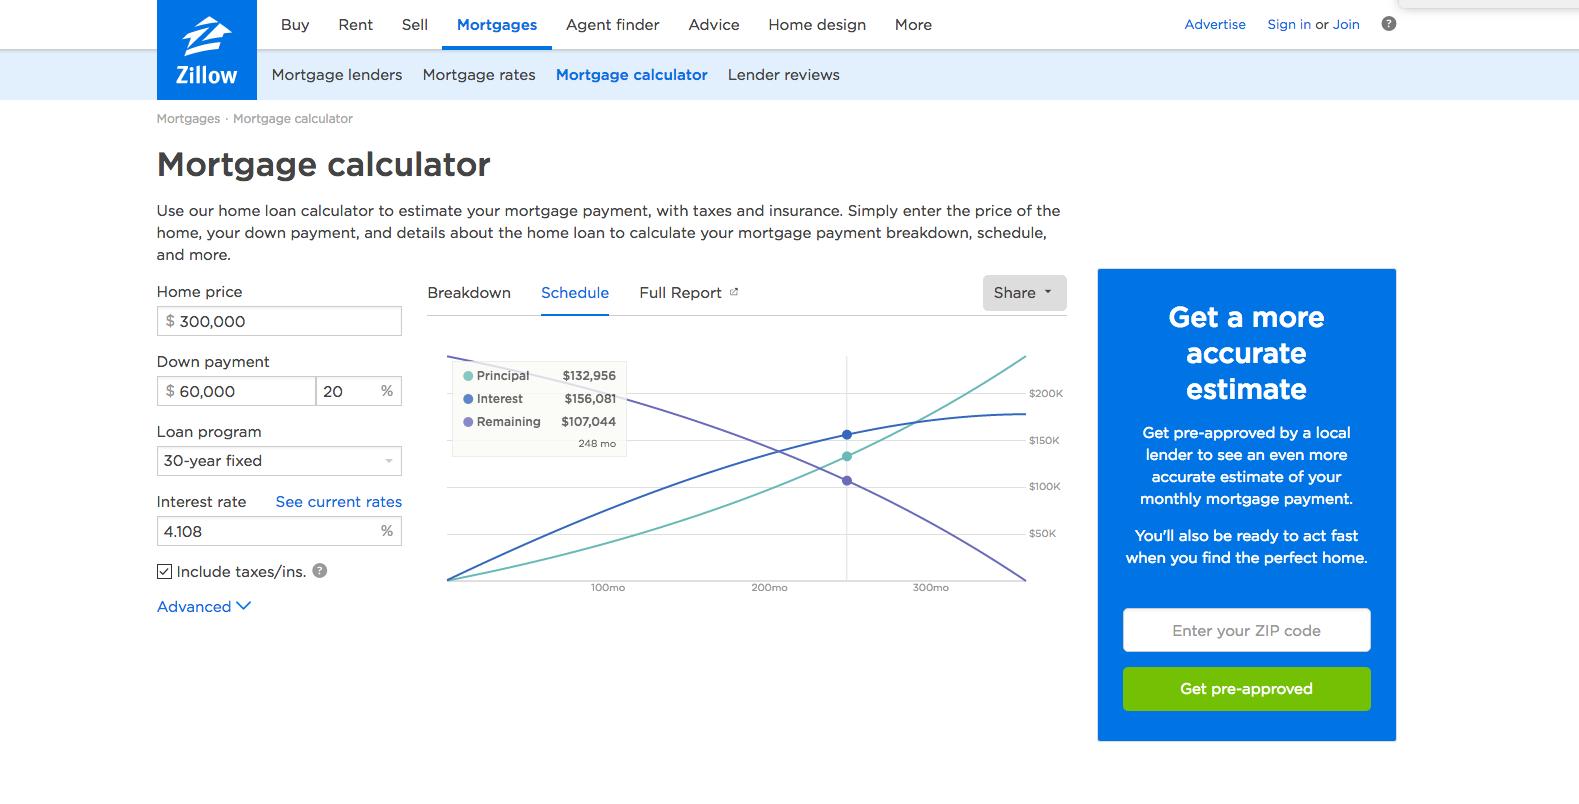 explore mortgage calculator and more